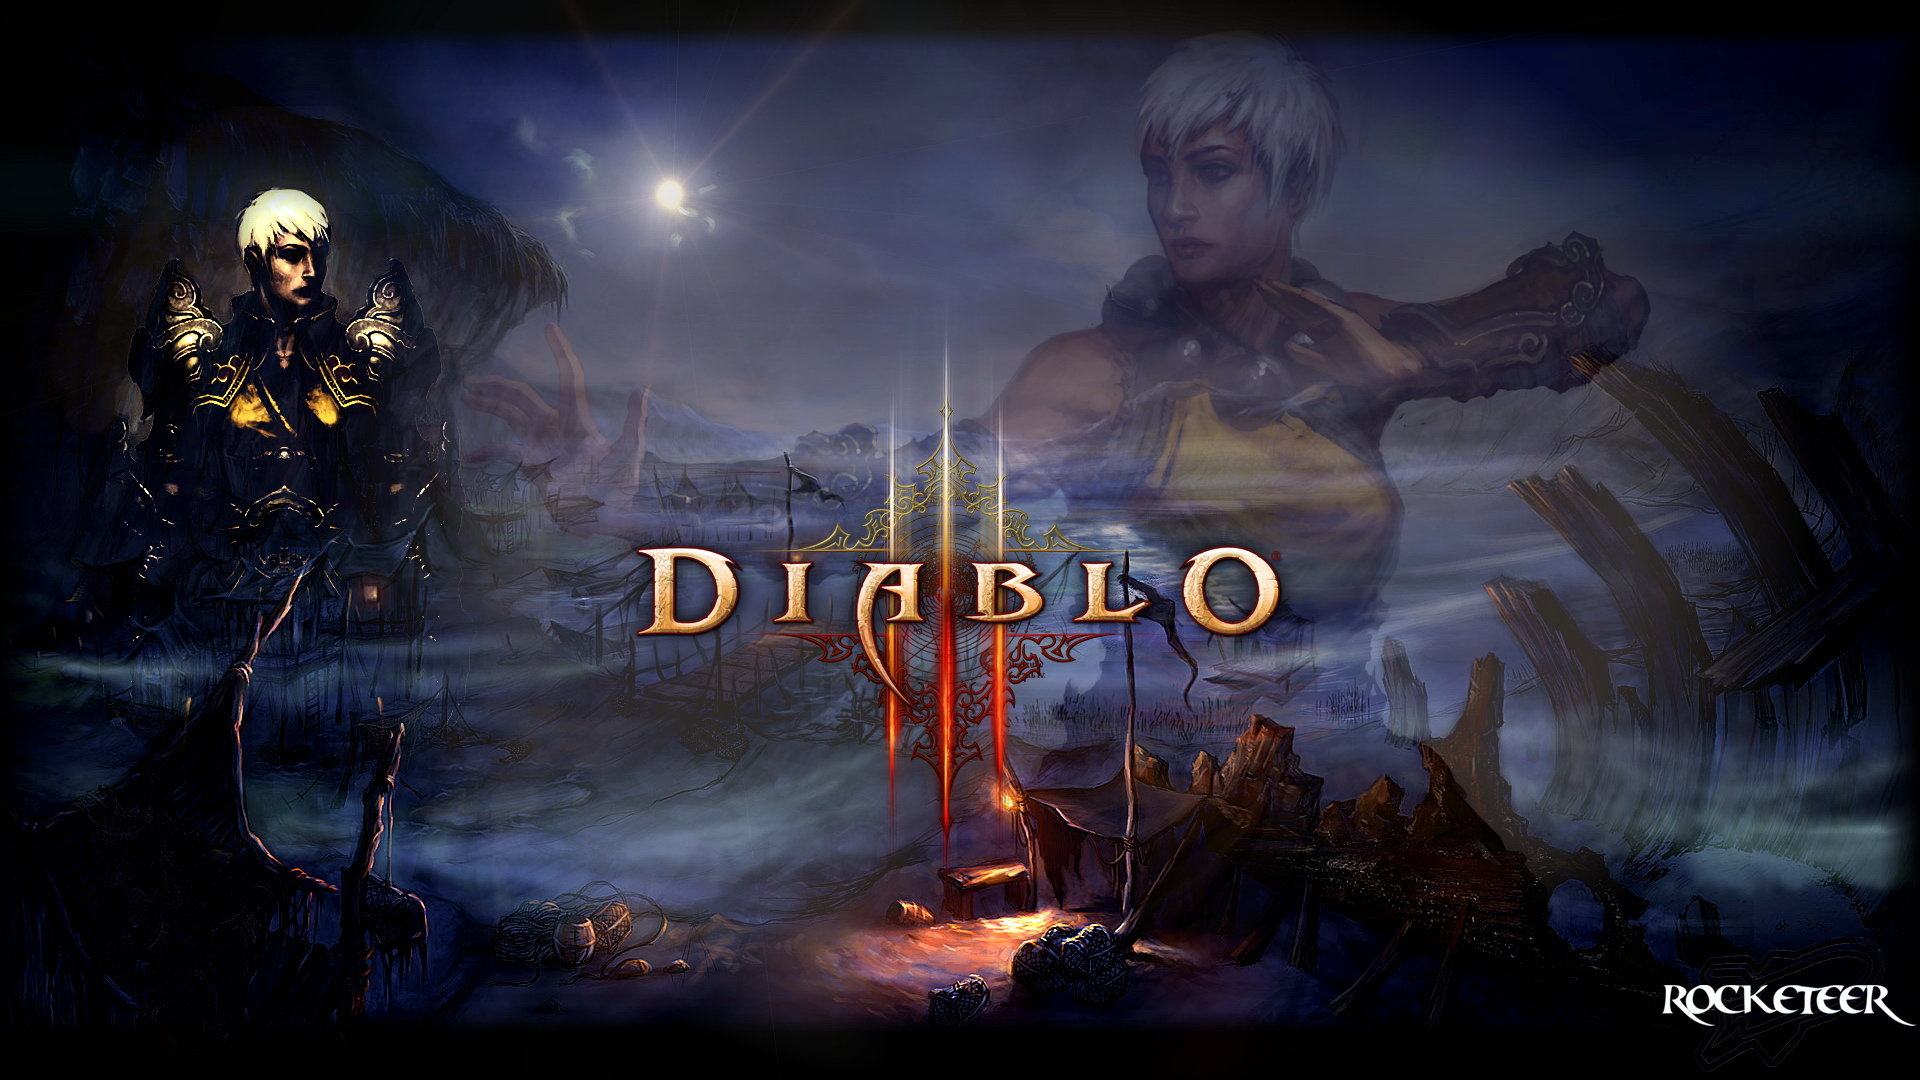 Free Download Diablo 3 Wallpaper Id 31038 Full Hd 1920x1080 For Desktop